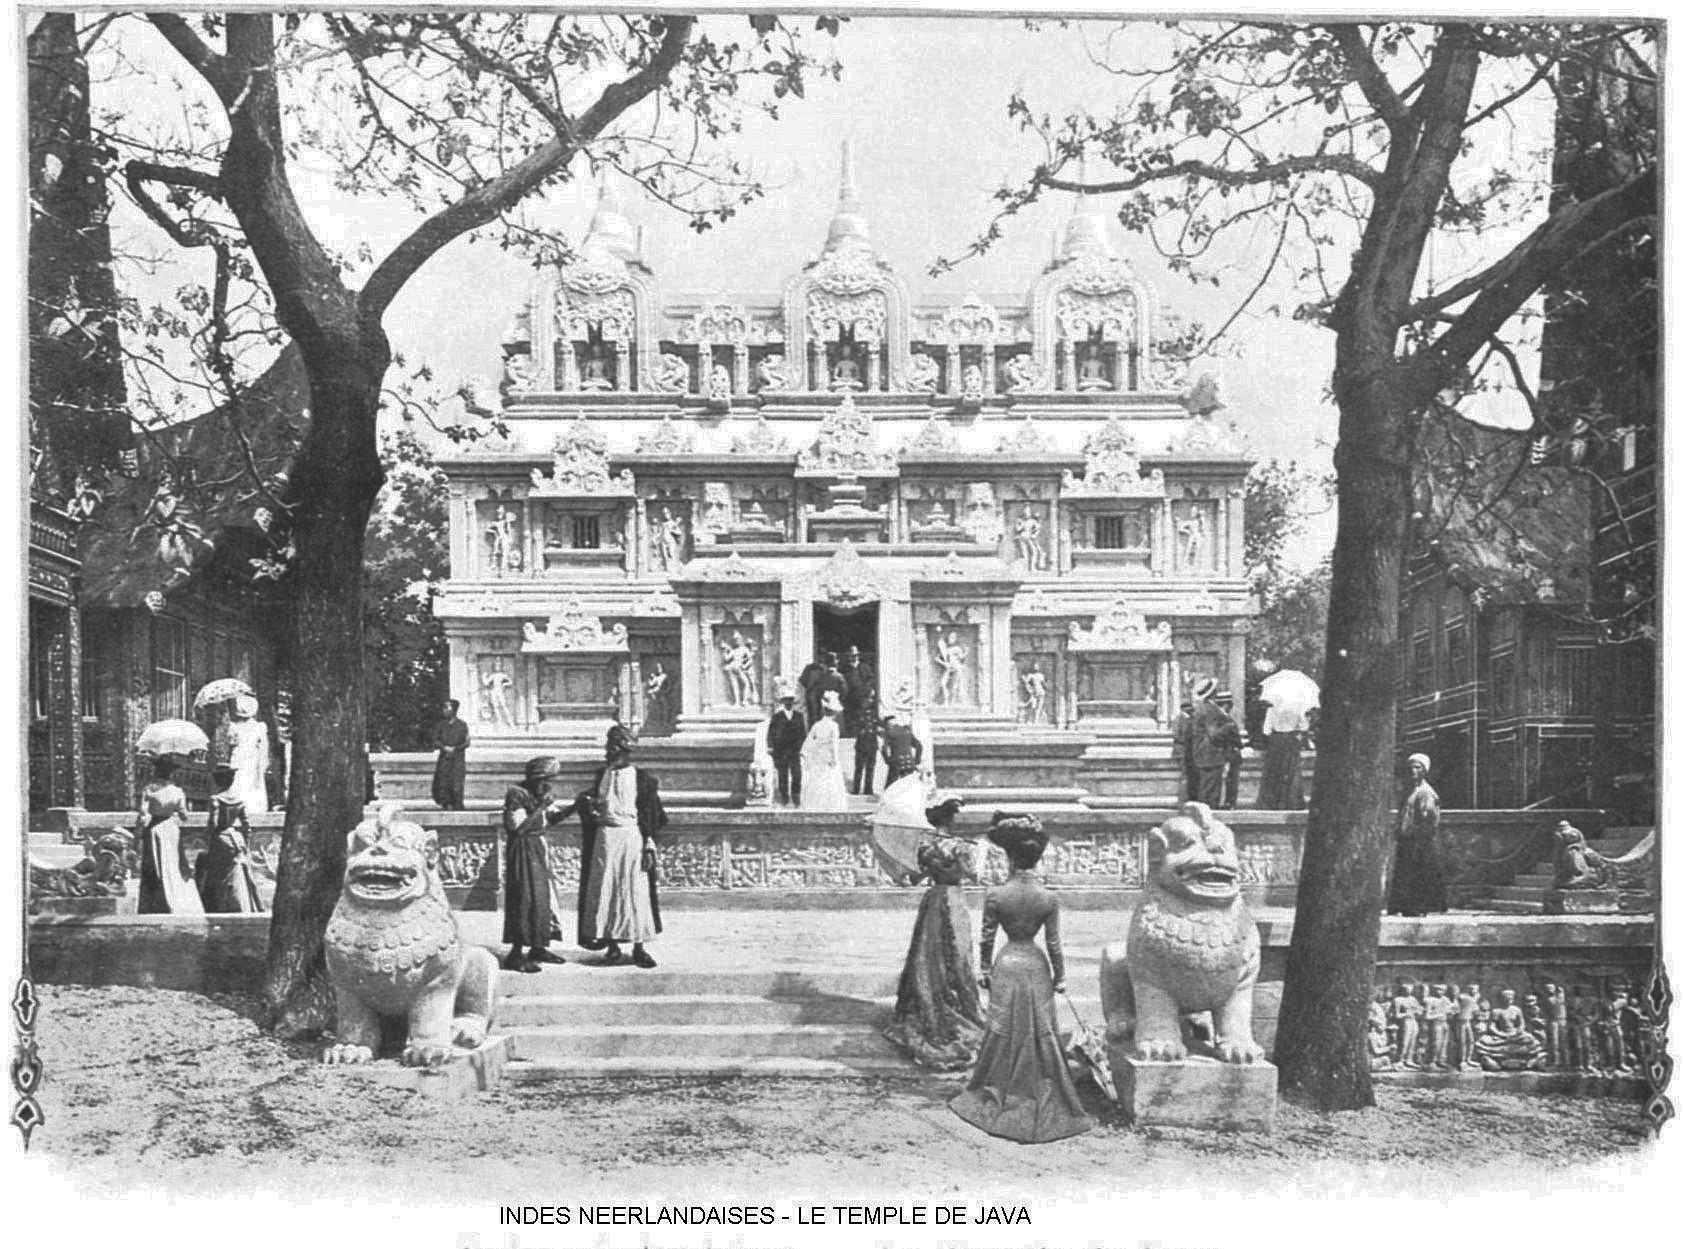 Indes neerlandaises le temple de java